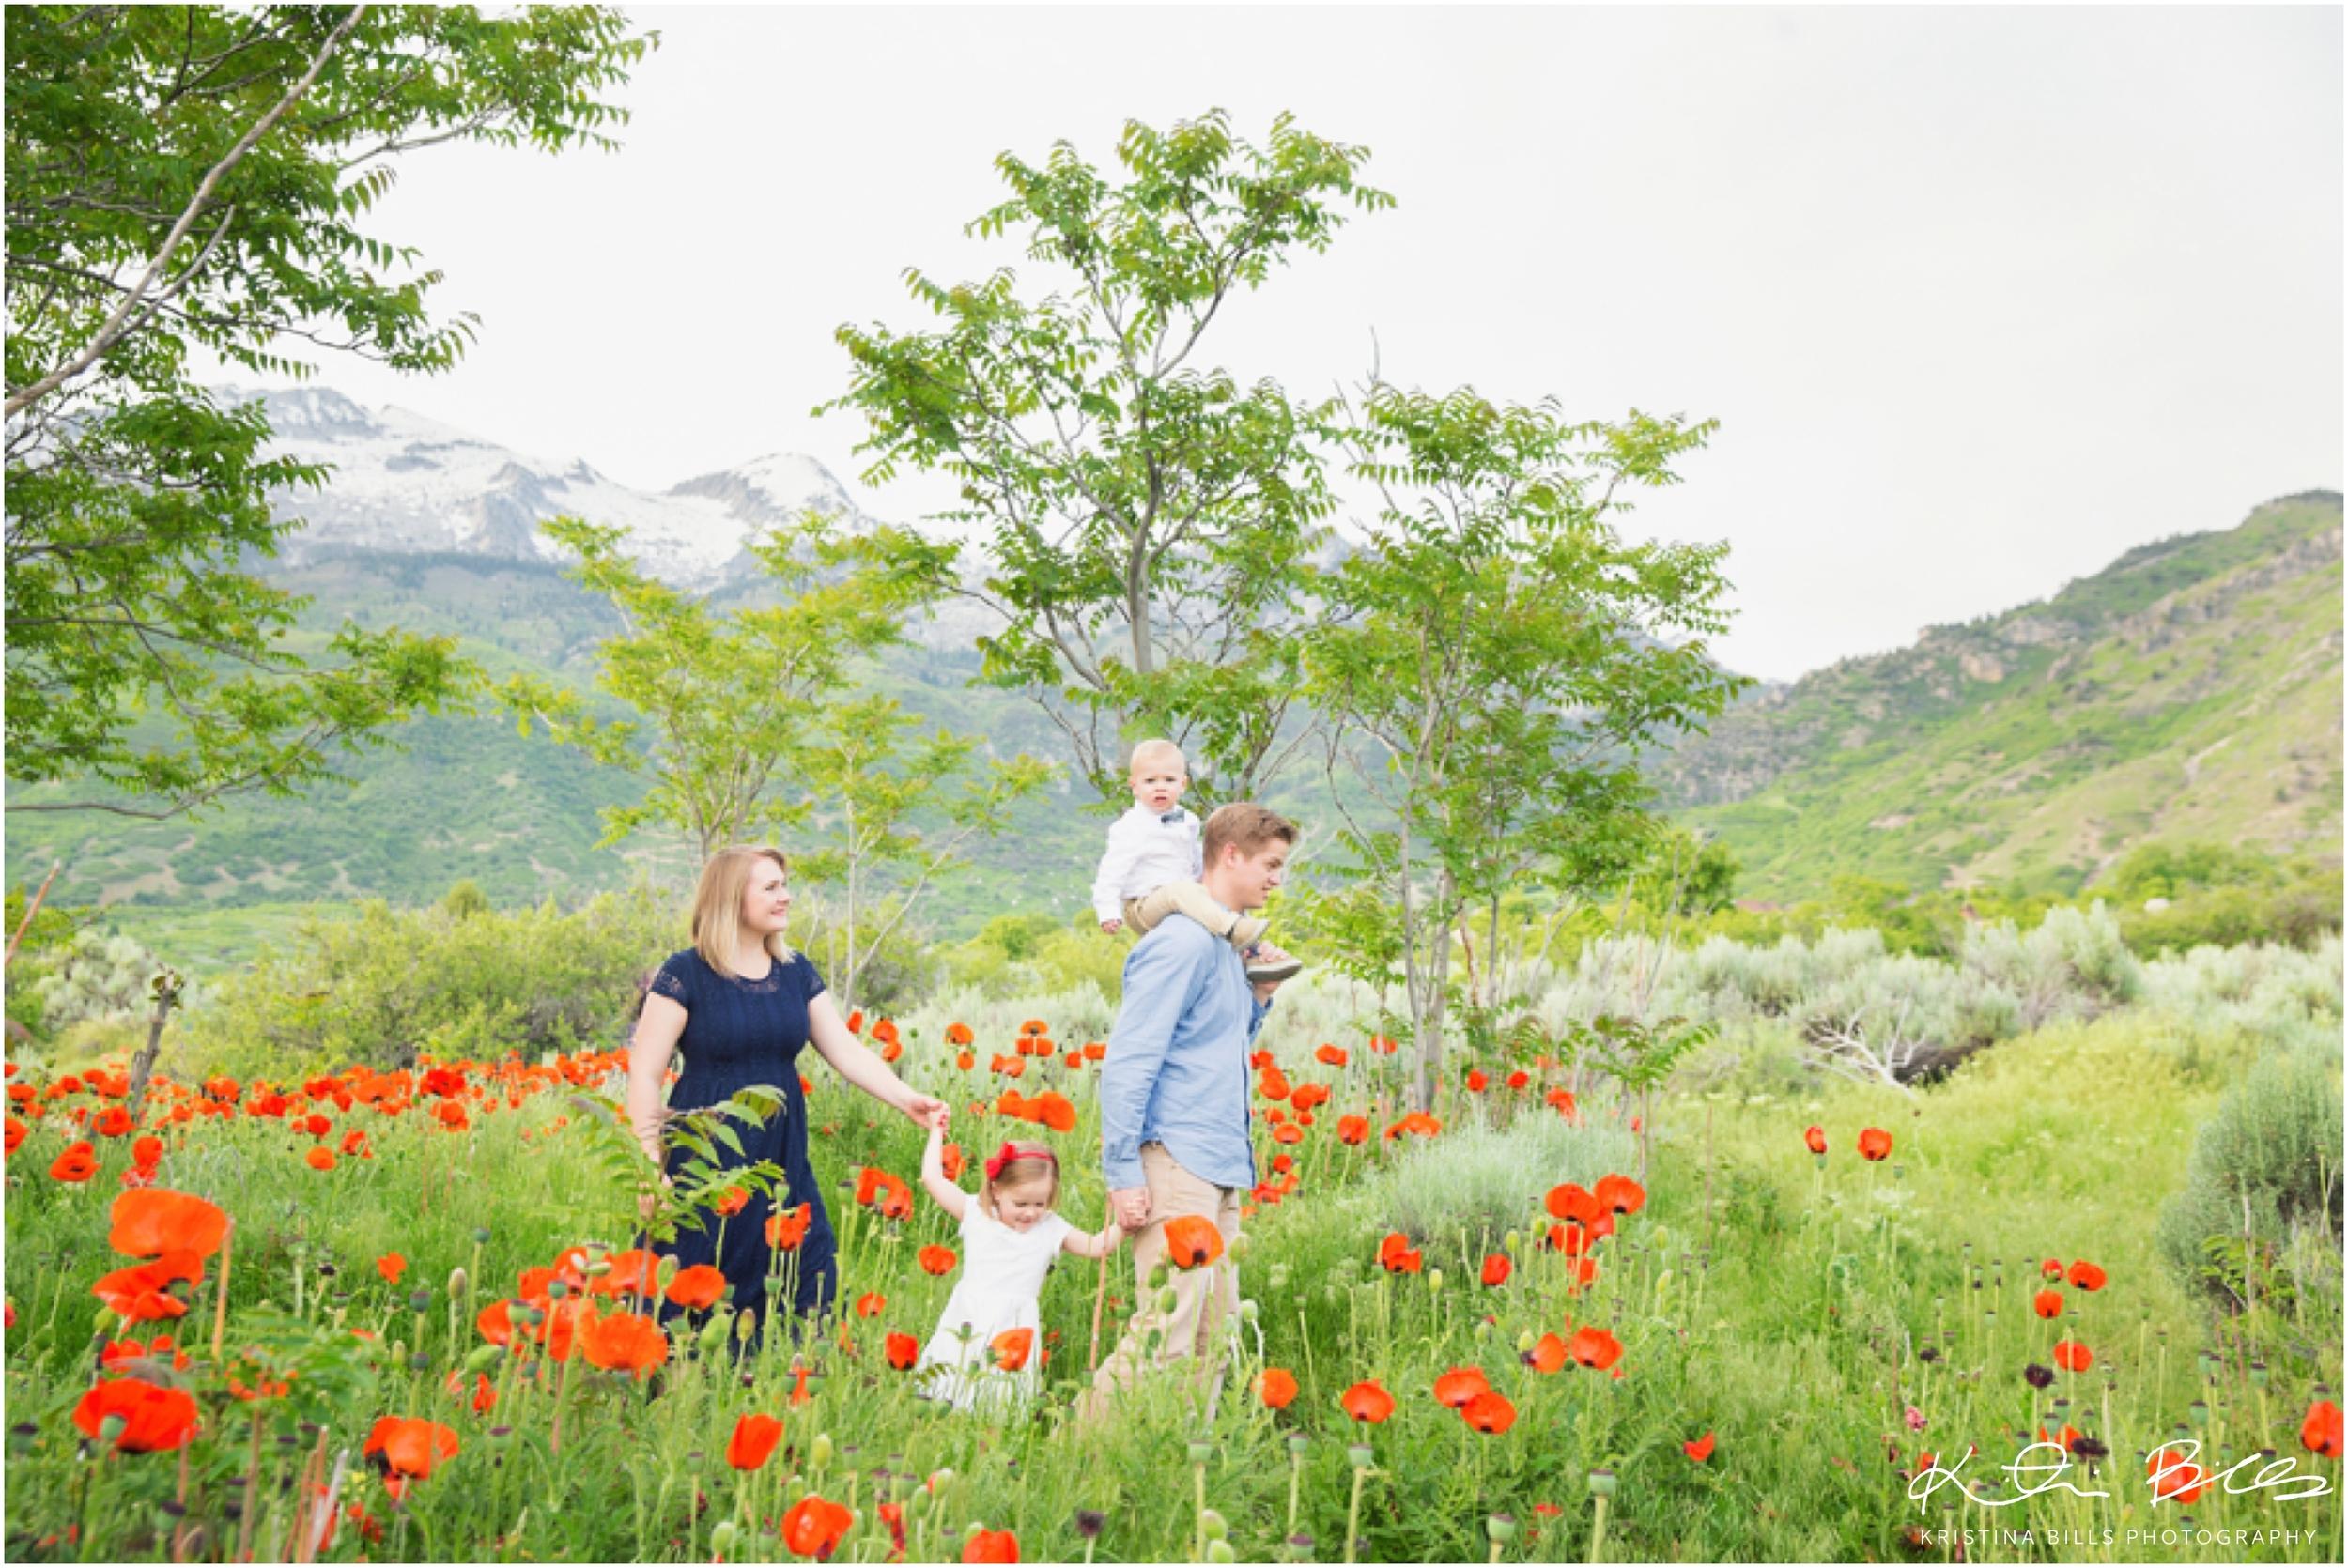 AlpineUtahPoppiesFamilyPhoto_0025.jpg